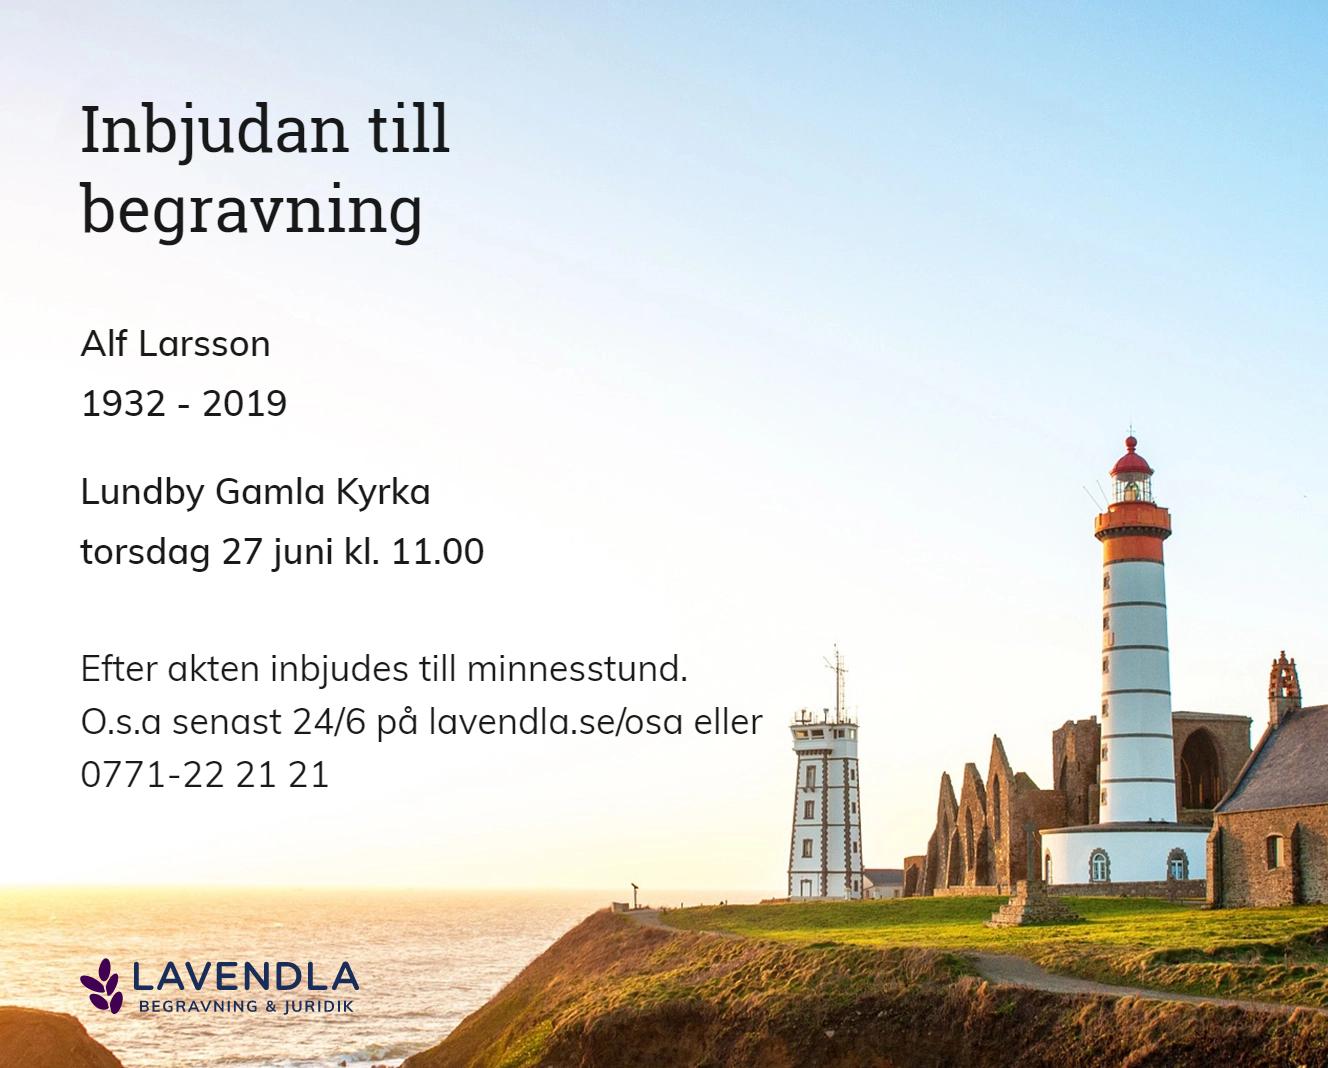 Inbjudningskort till ceremonin för Alf Larsson